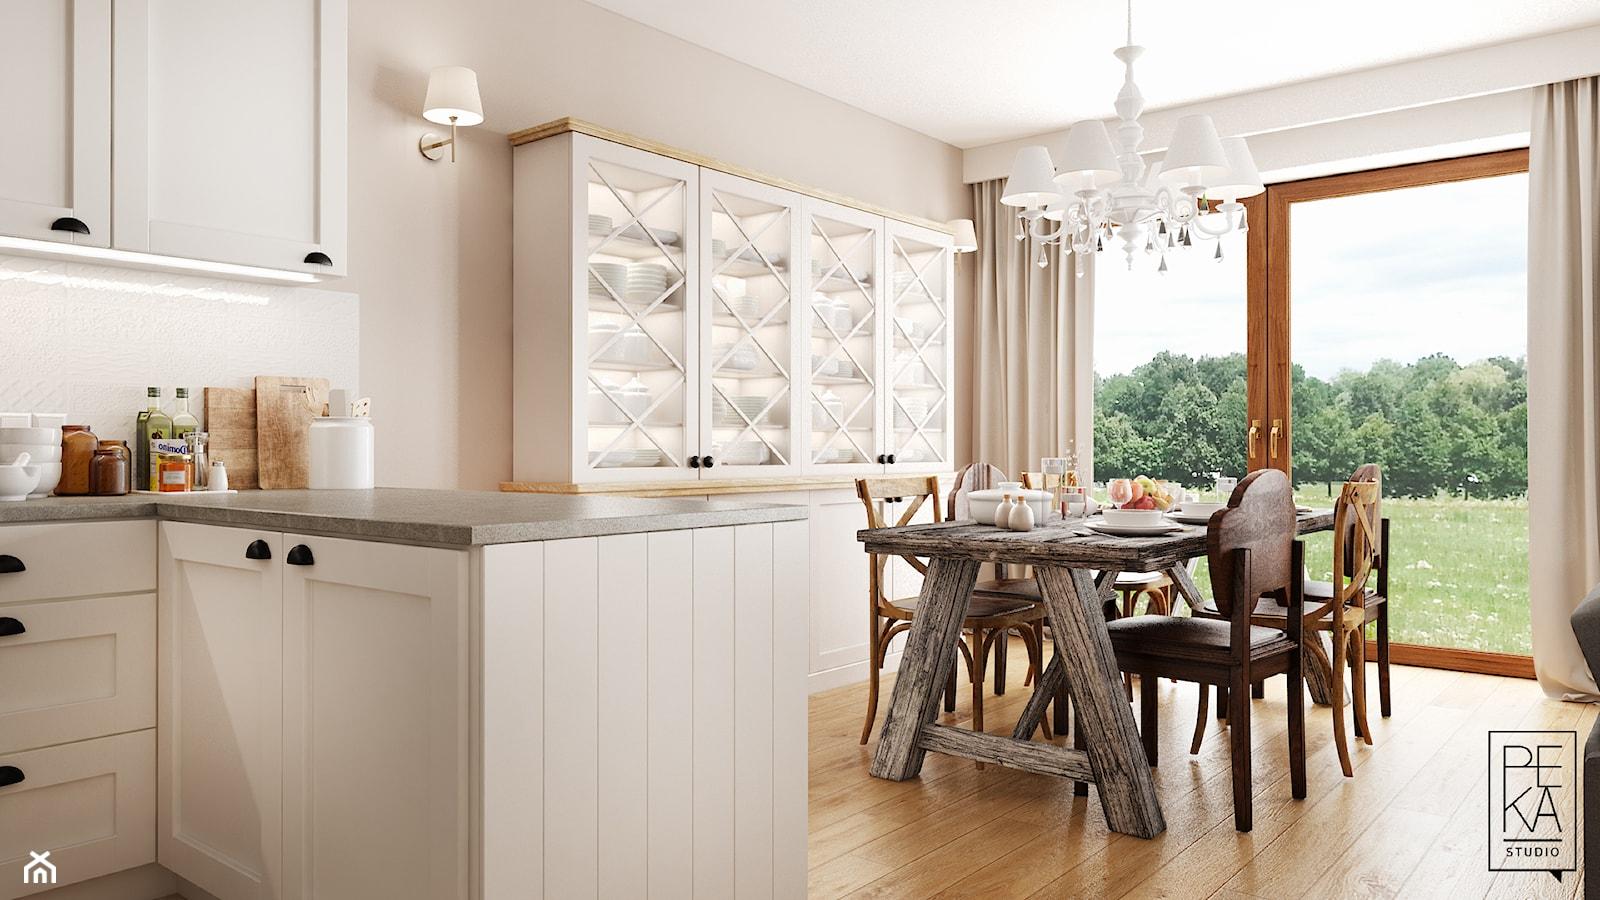 EKLEKTYCZNY DOM - Średnia otwarta beżowa jadalnia w salonie, styl eklektyczny - zdjęcie od PEKA STUDIO - Homebook